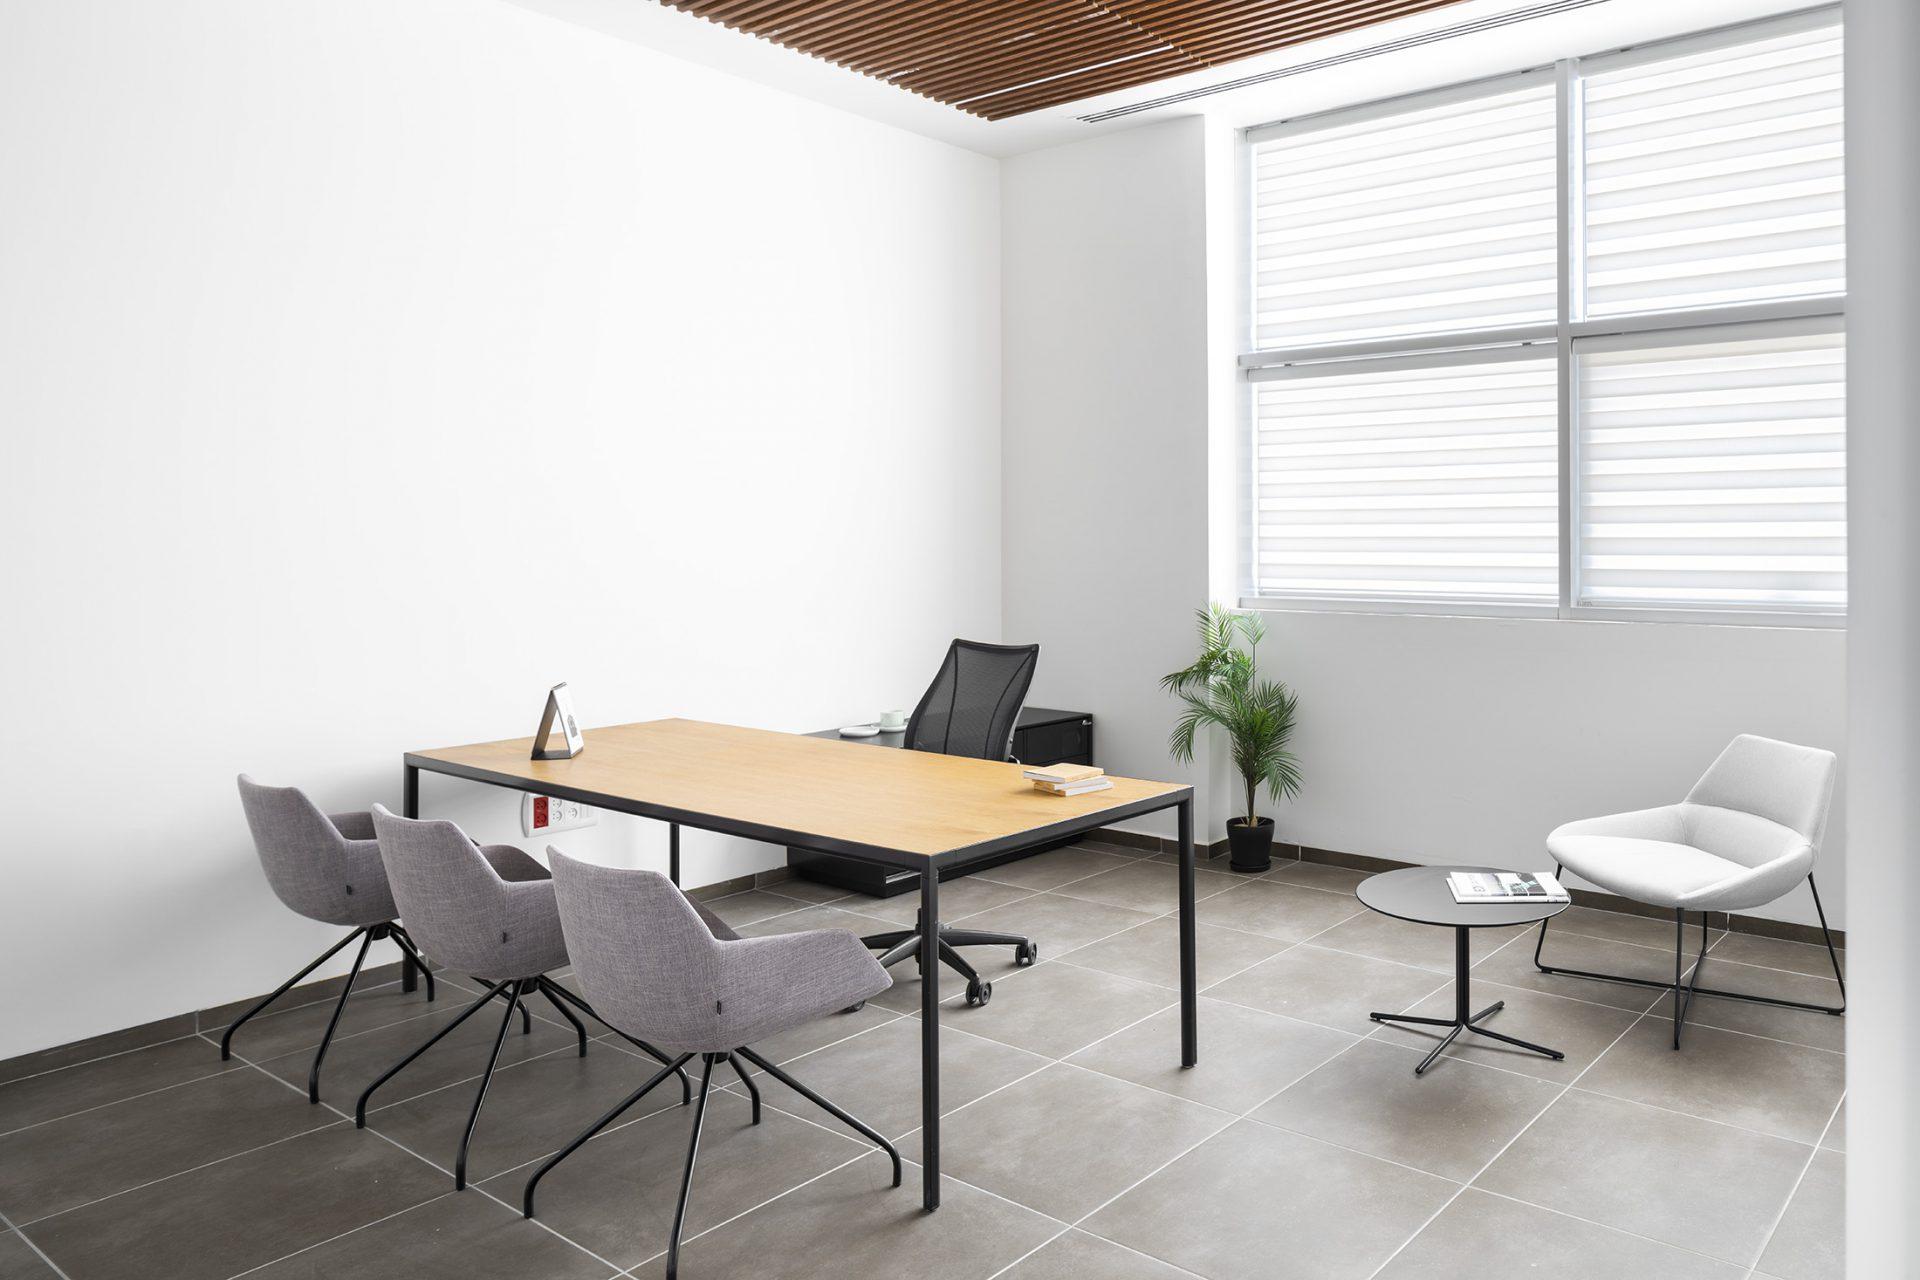 שולחן מנהל SUI, כסא מנהל LIBERTY, כסאות אורח DUNAS